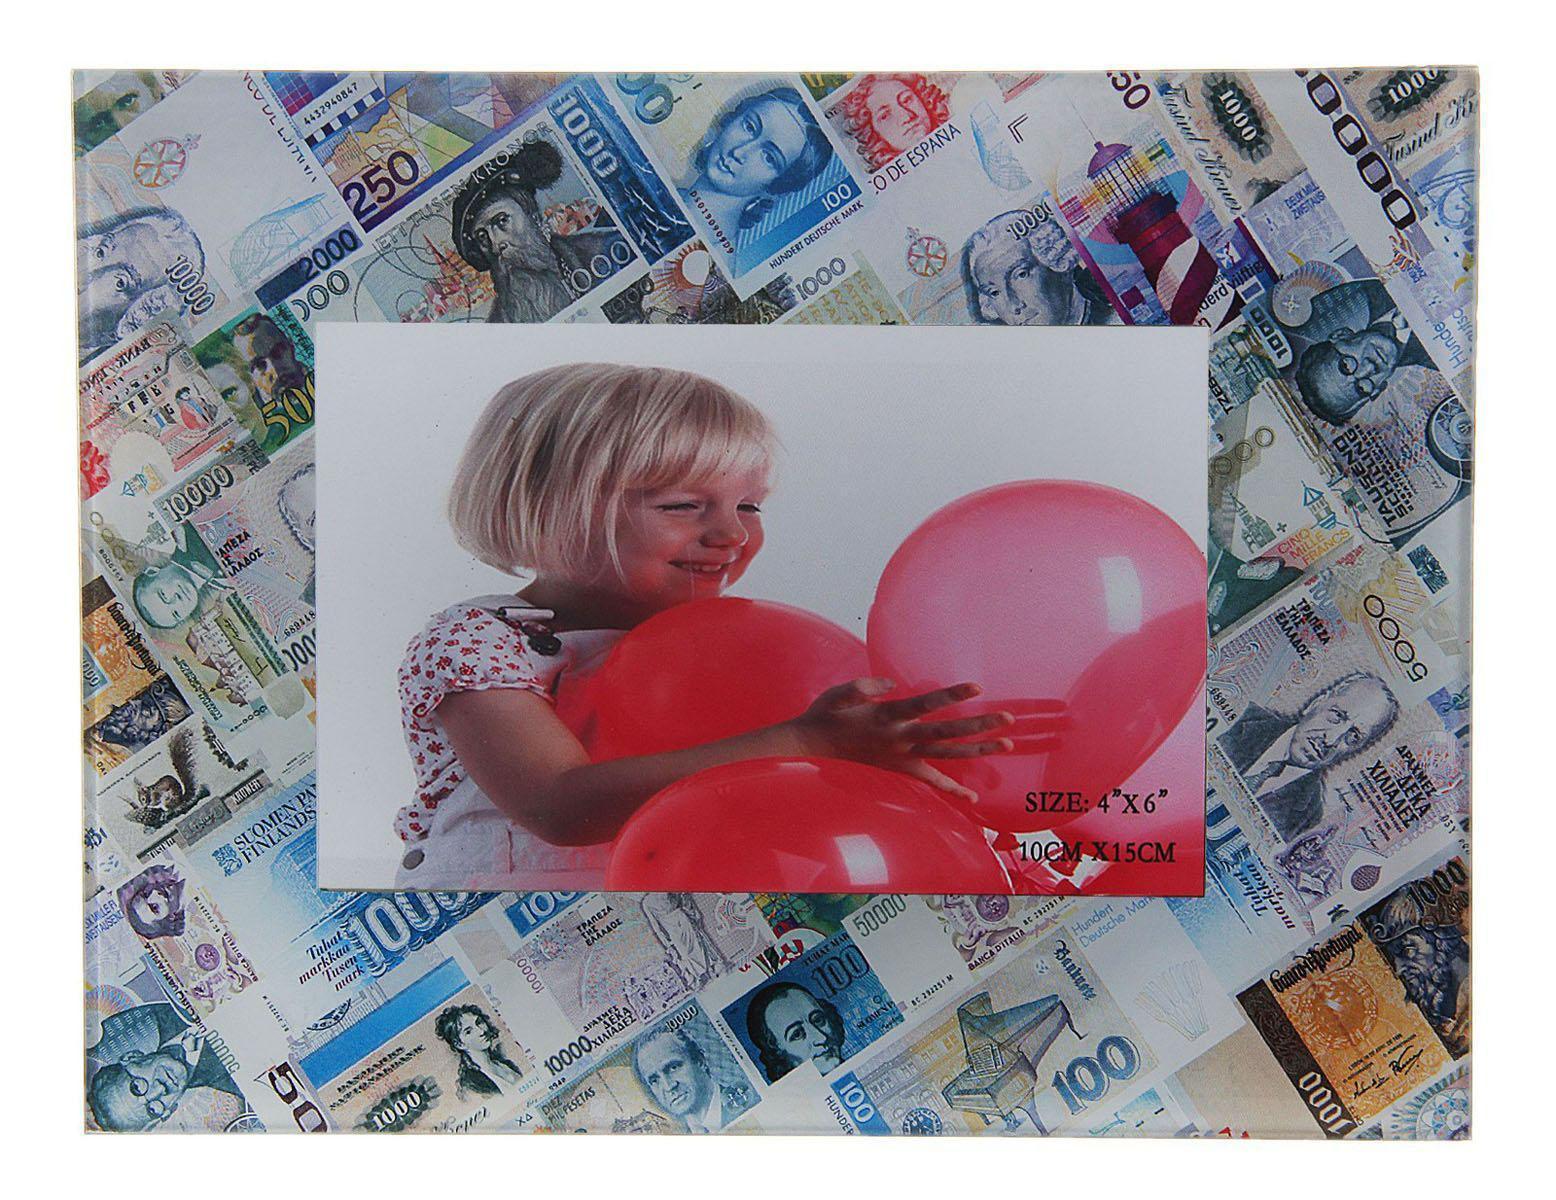 Фоторамка Sima-land Деньги мира, 10 х 15 см134775Фоторамка Sima-land Деньги мира отличный подарок, подчеркивающий яркую индивидуальность того, кому он предназначается. Некоторые вещи мы вряд ли когда-то купим себе сами. Но, будучи подаренными друзьями или родными, они доставляют нам массу удовольствия. С одной такой вещицы может начаться целая коллекция.